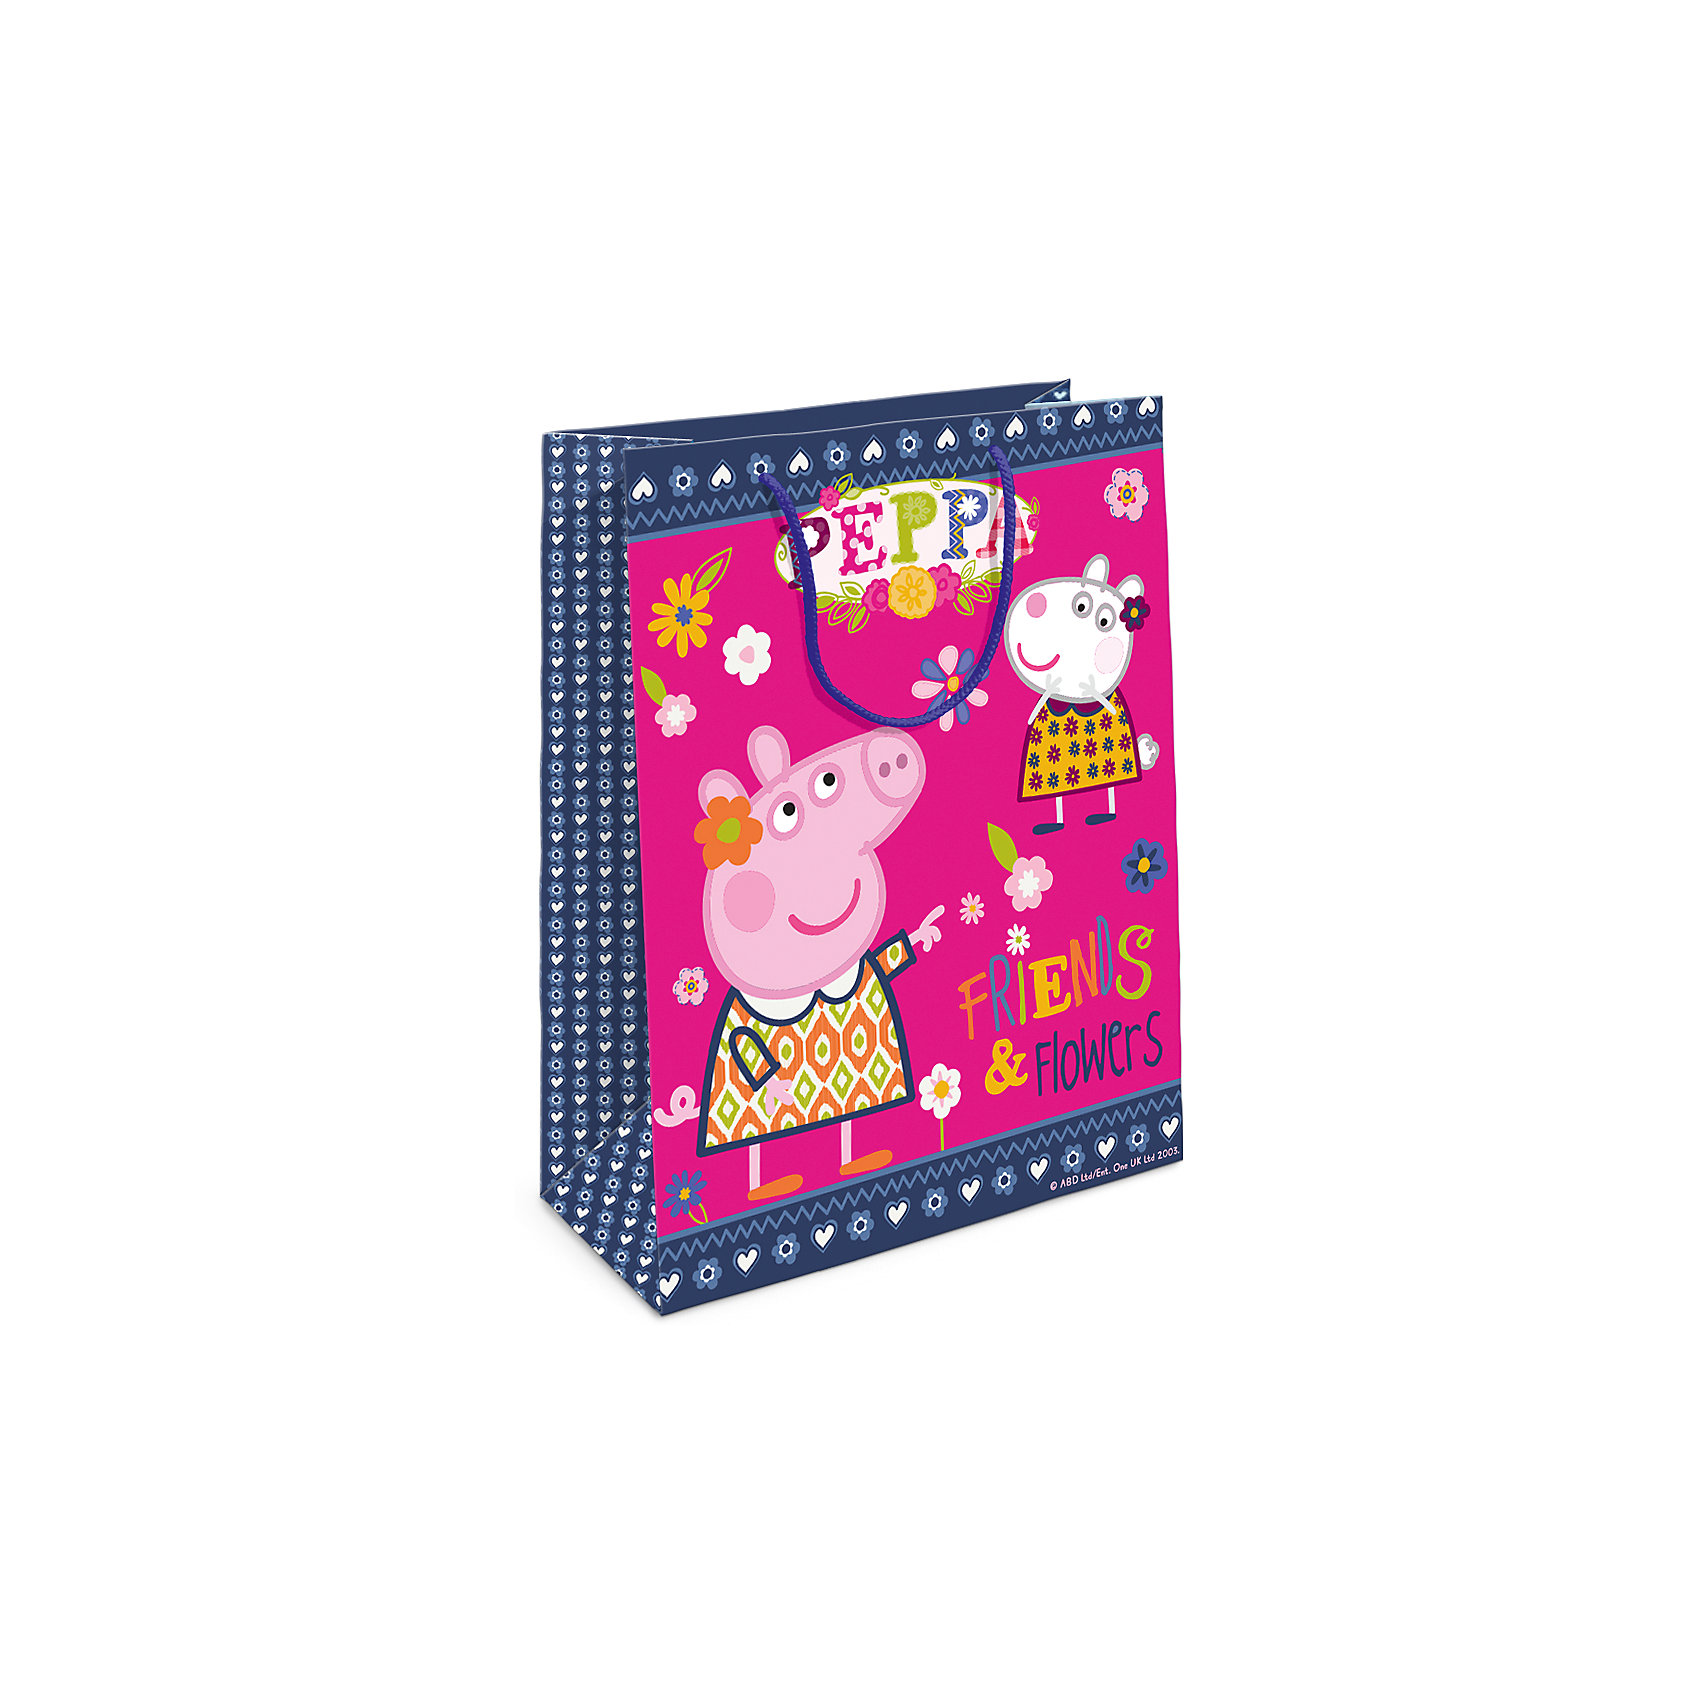 Пакет подарочный  Пеппа и Сьюзи, 35*25*9Подарочный бумажный пакет «Пеппа и Сьюзи» с очаровательными героями мультфильма «Свинка Пеппа» ярко украсит подарок и обязательно порадует вашу малышку. Размер: 35х25х9 см. В ассортименте вы также сможете найти такой же пакет размером 23х18х10 см.<br><br>Ширина мм: 350<br>Глубина мм: 250<br>Высота мм: 5<br>Вес г: 61<br>Возраст от месяцев: 144<br>Возраст до месяцев: 120<br>Пол: Унисекс<br>Возраст: Детский<br>SKU: 5016446